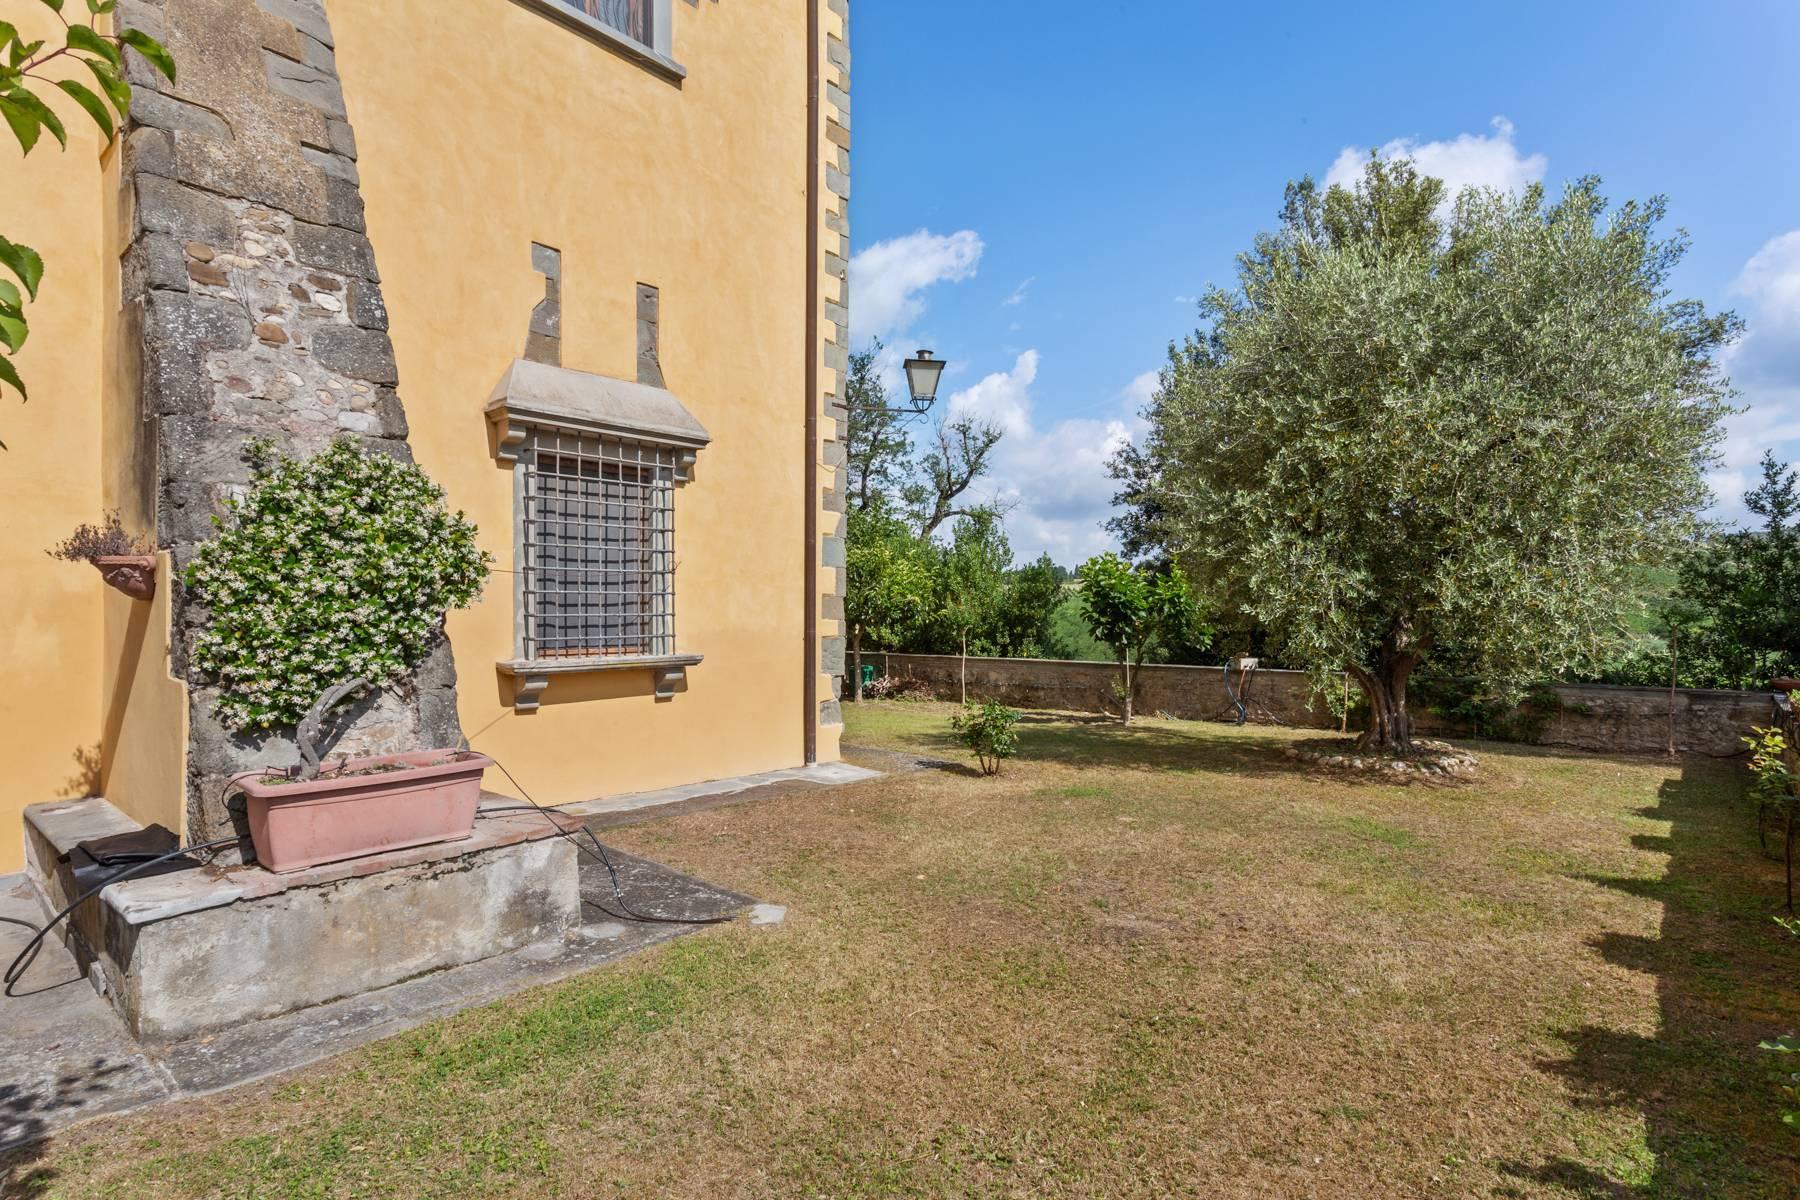 Schöne Wohnung in historischer Villa aus dem 16. Jahrhundert mit Garten - 2